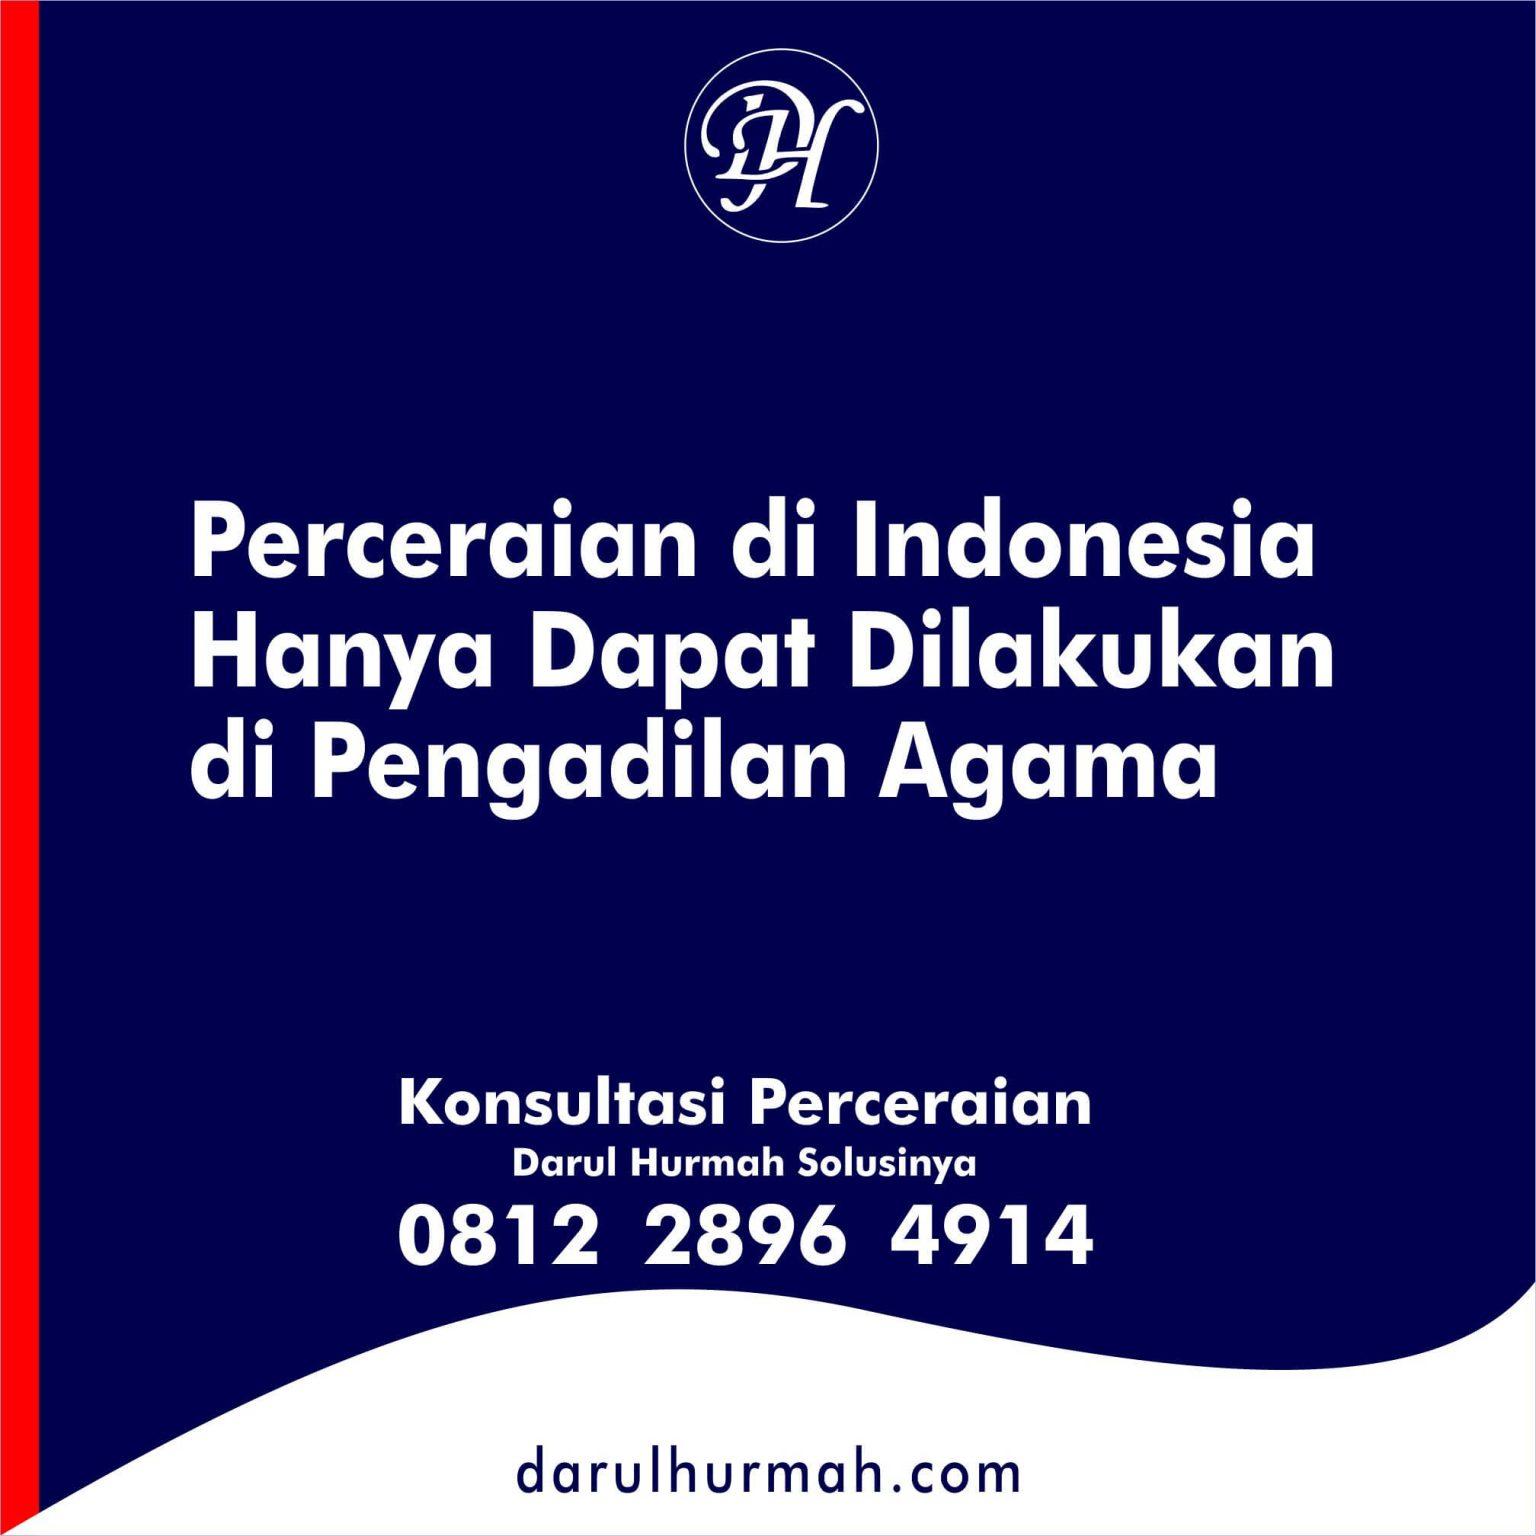 38. Perceraian di Indonesia Hanya Dapat Dilakukan di Pengadilan Agama